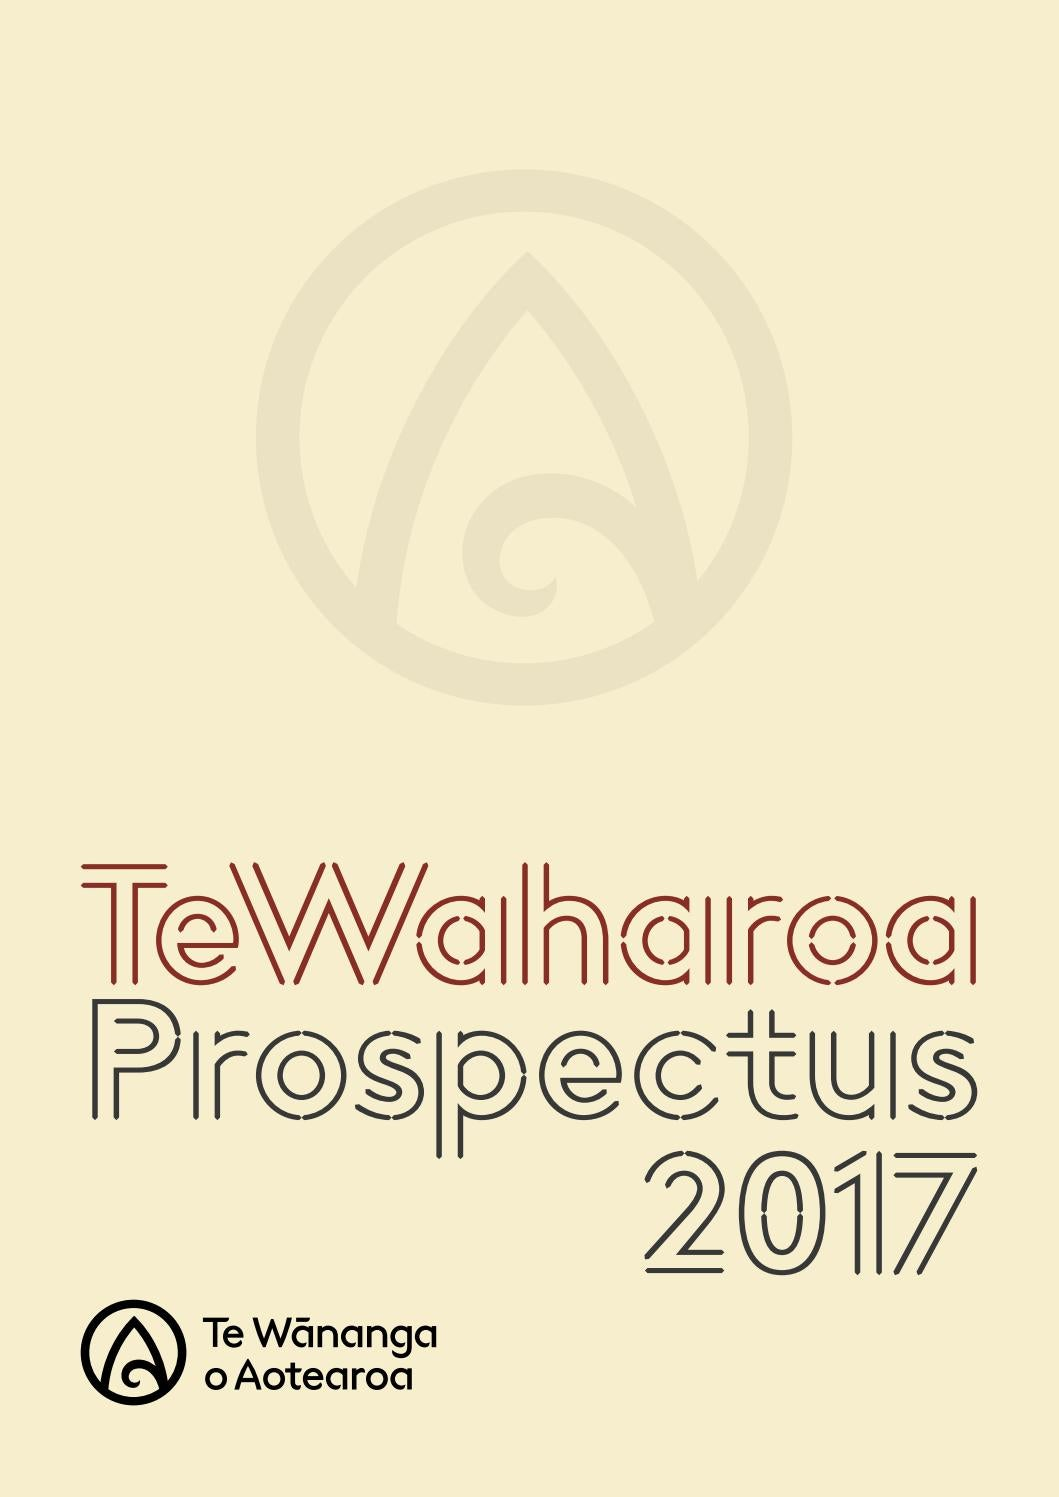 Te Waharoa - Prospectus 2017 by Te Wananga o Aotearoa - issuu b3e587746c